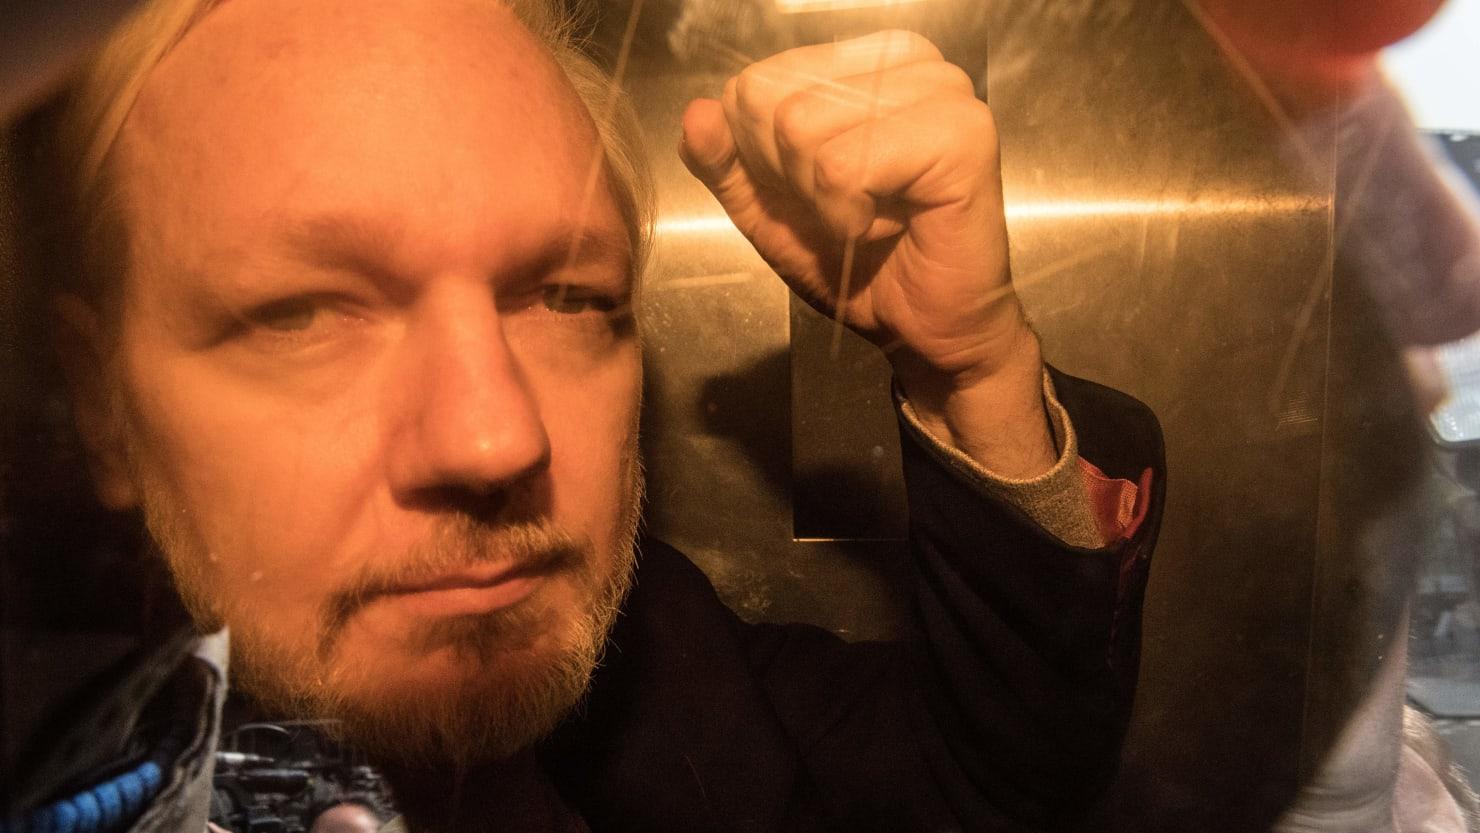 Julian Assange Sentenced To 50 Weeks In British Prison